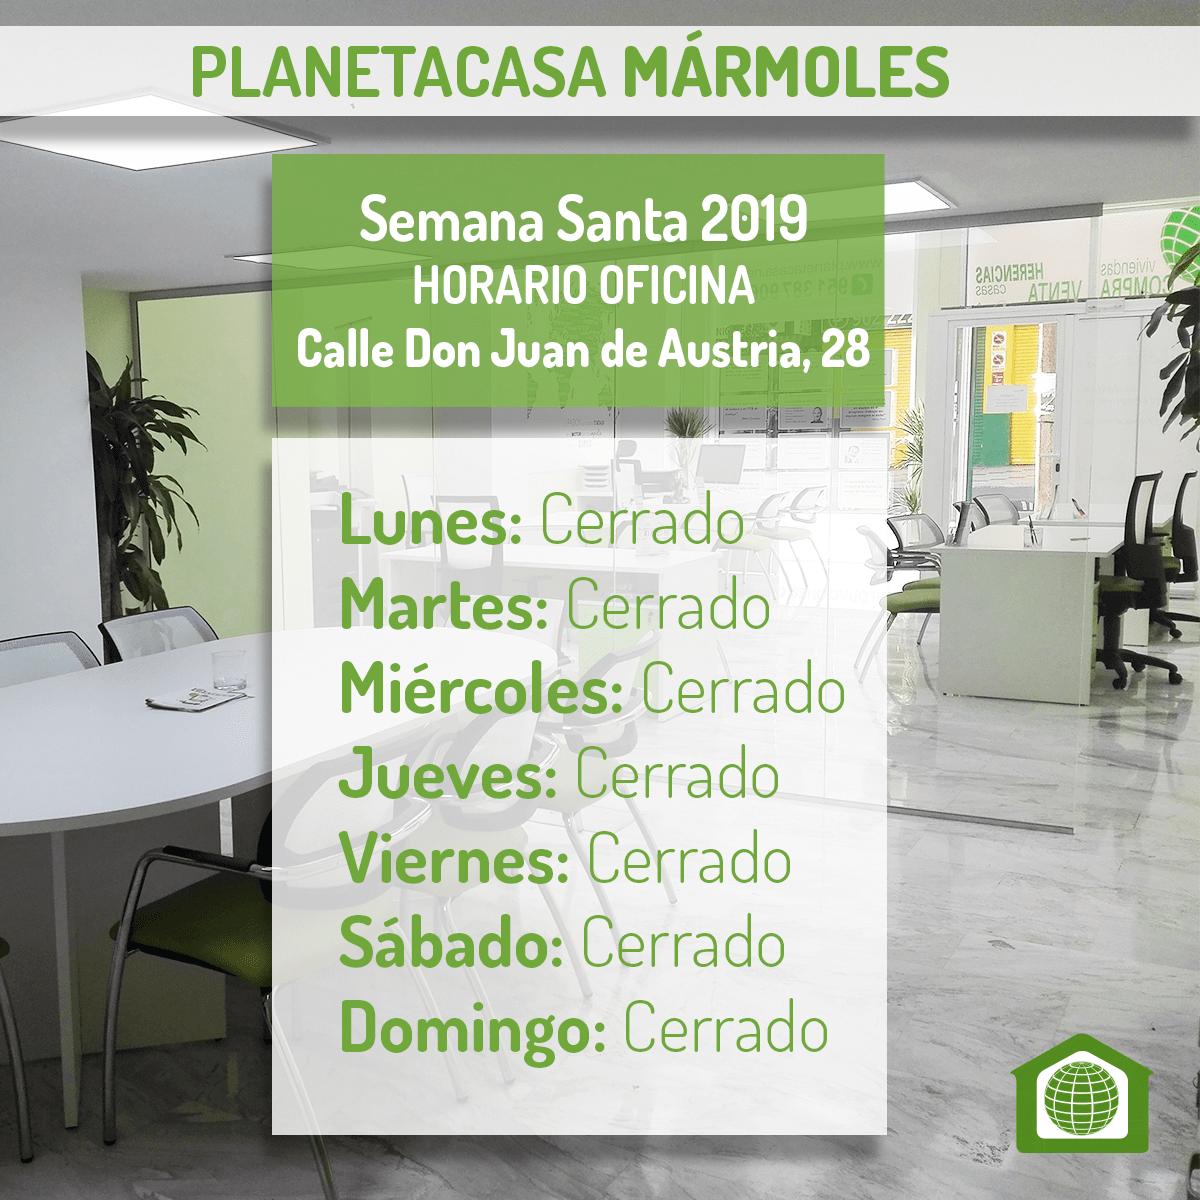 Horario oficina planetacasa Marmoles Semana Santa 2019